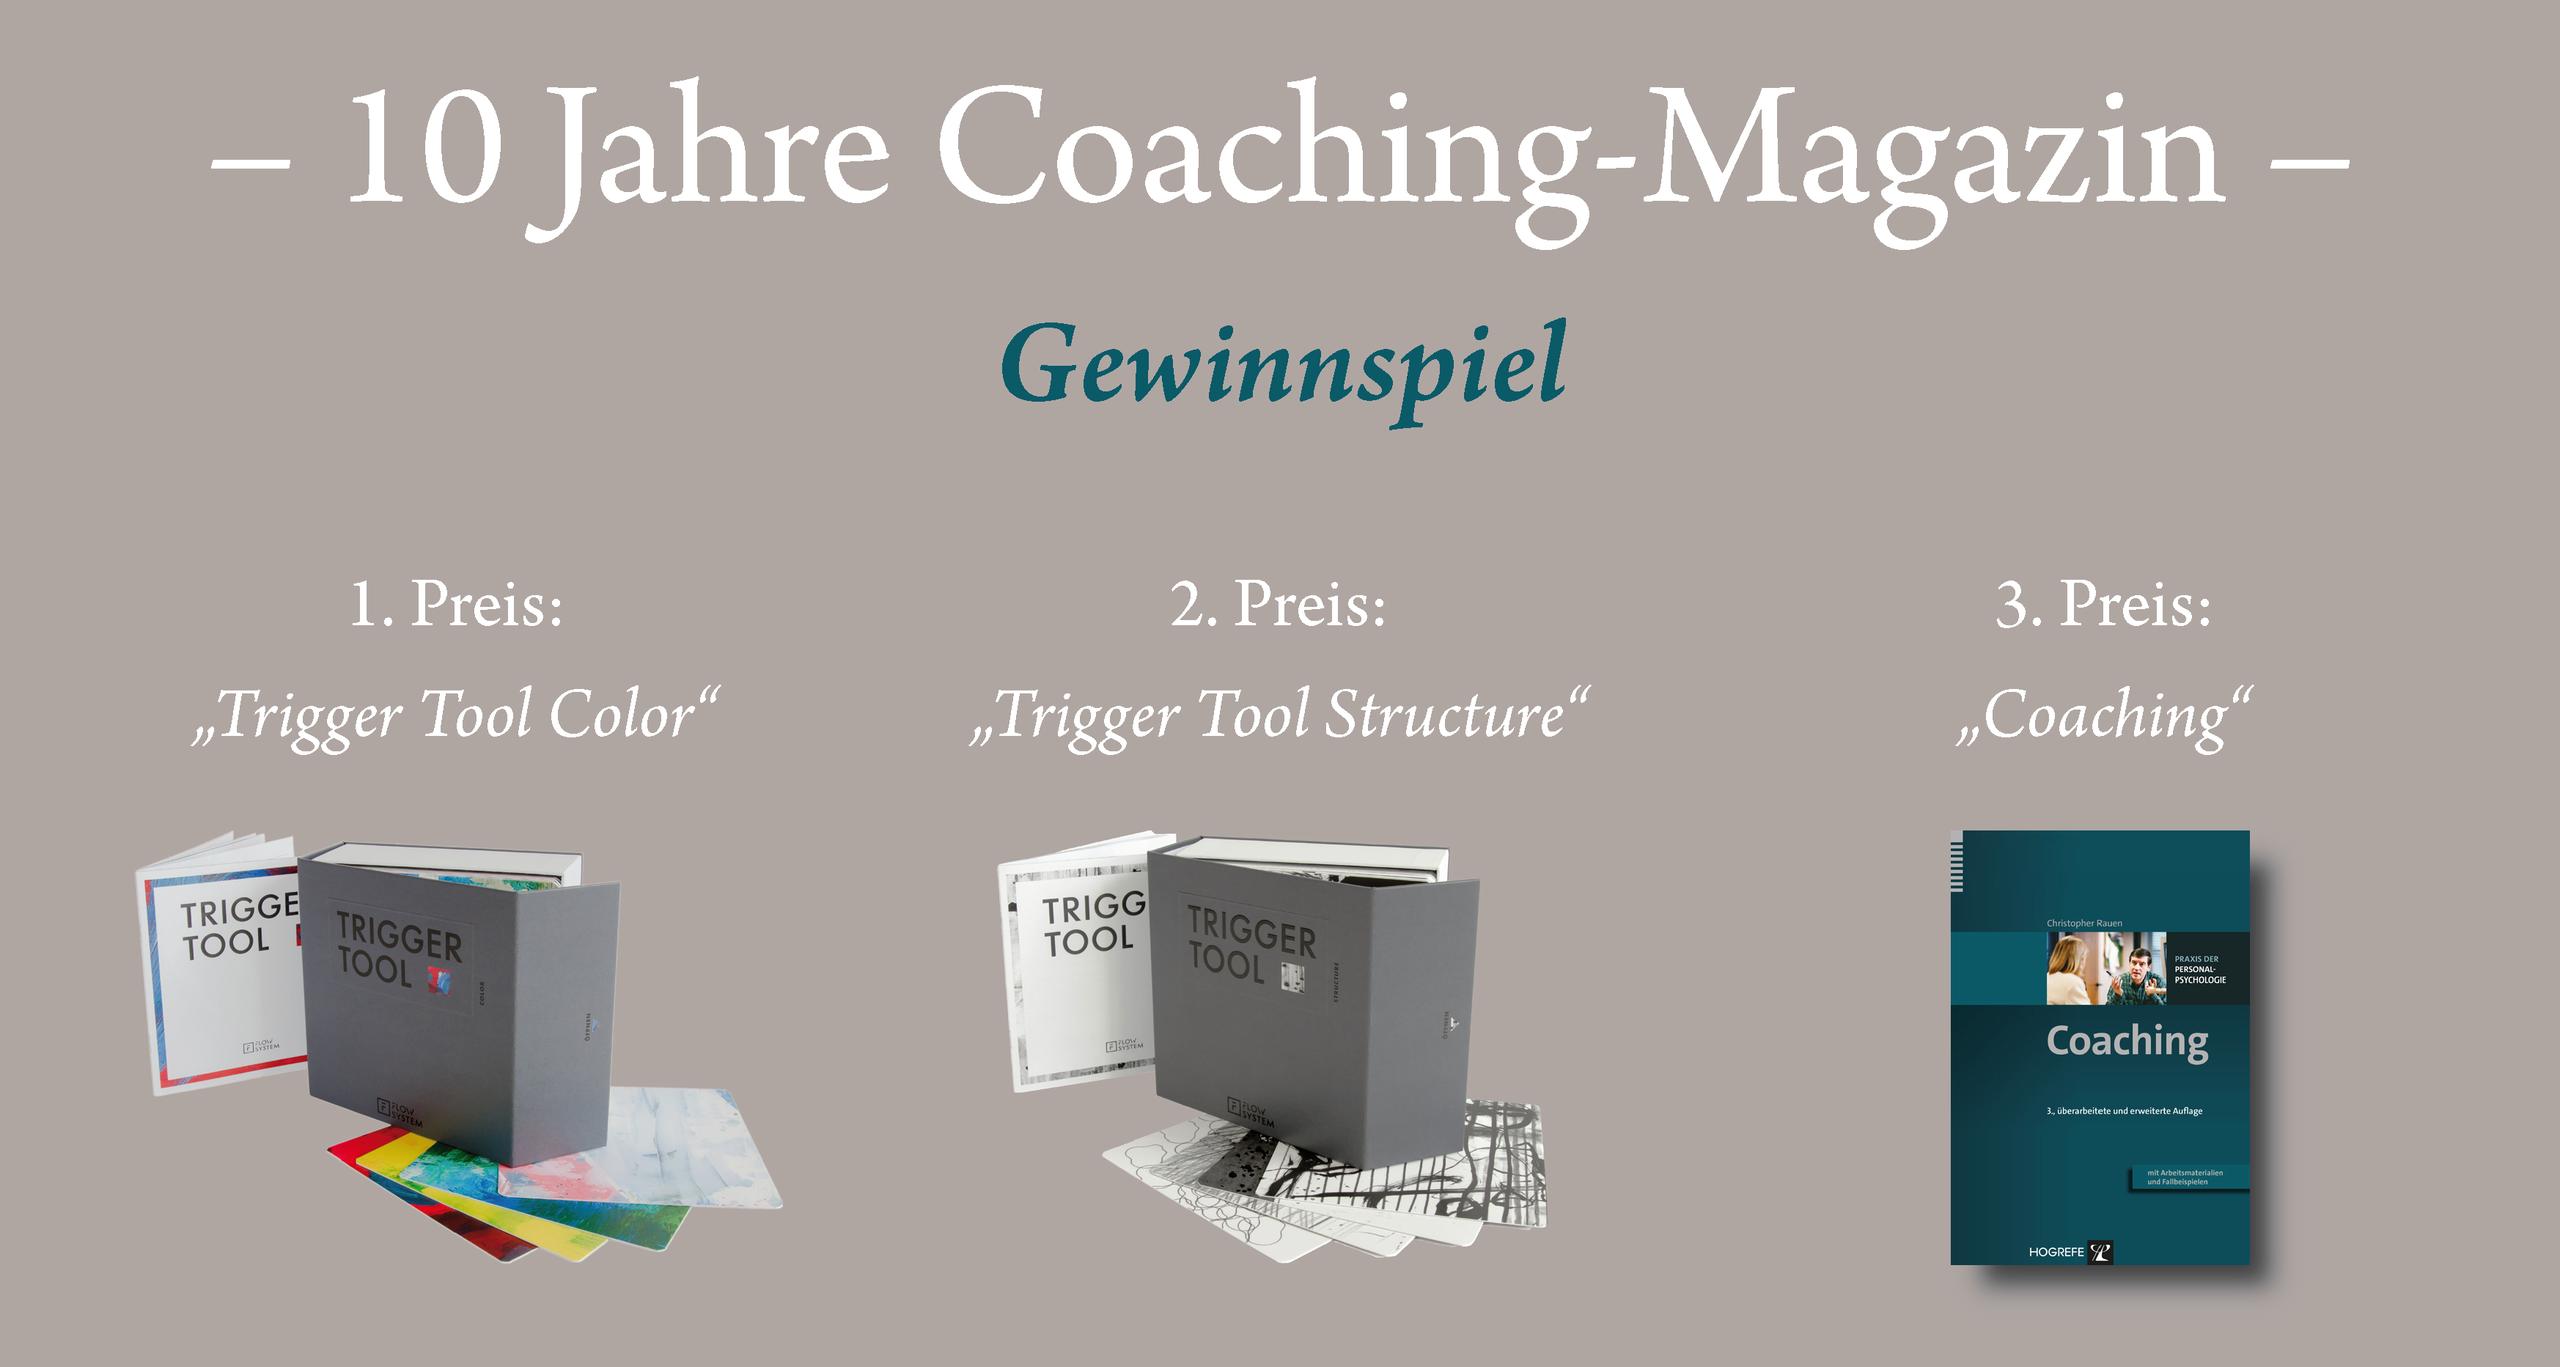 Gewinnspiel zum Jubiläum des Coaching-Magazins